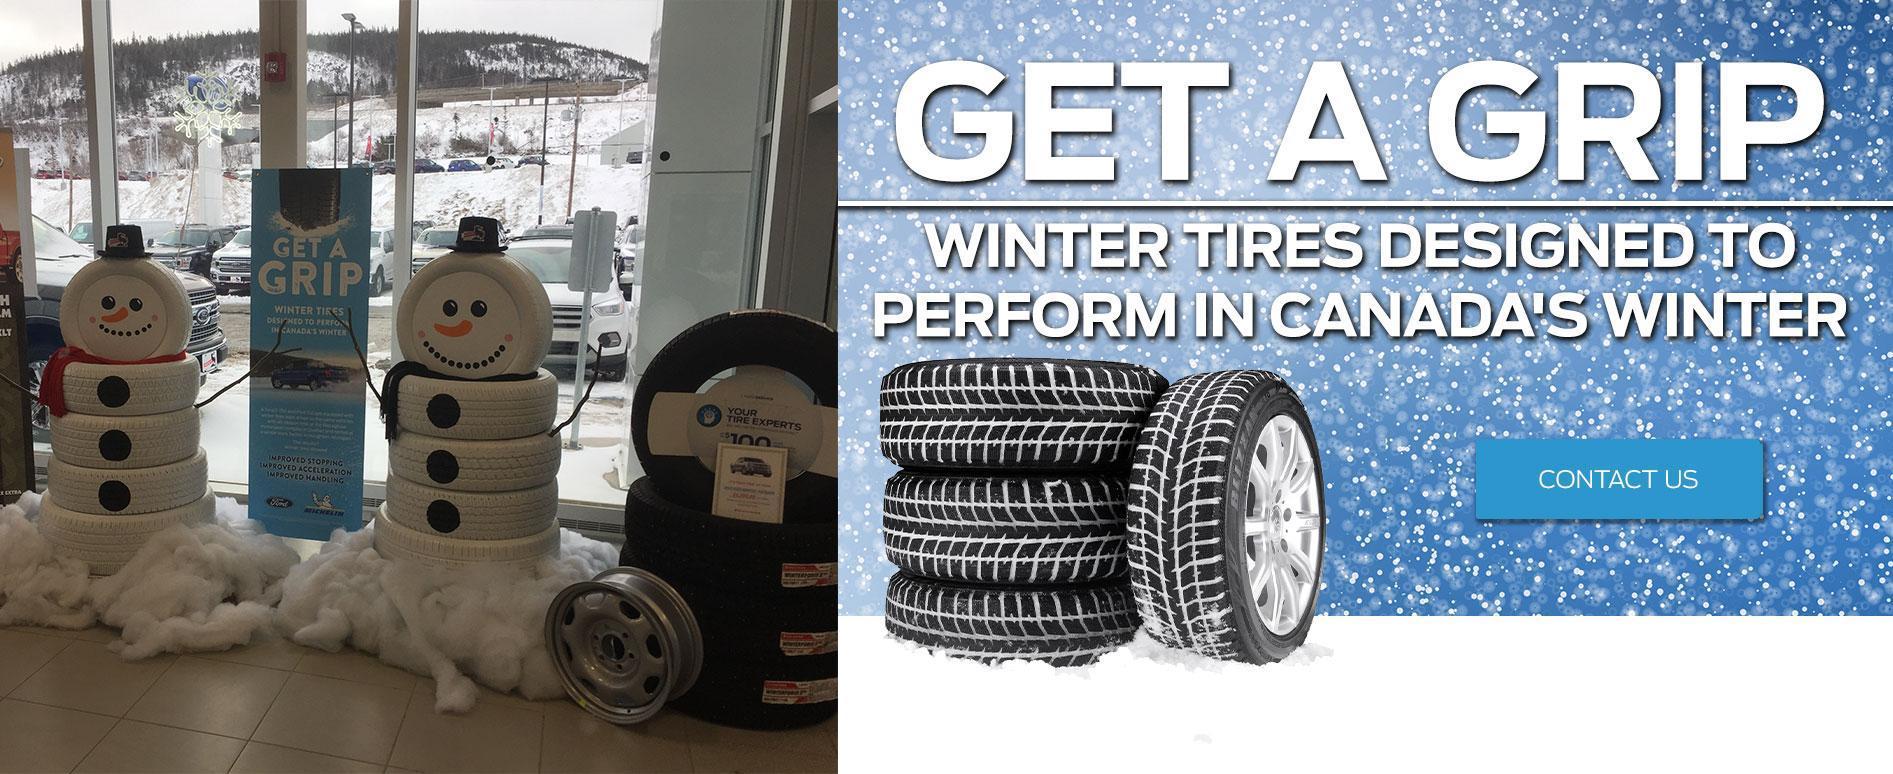 Get A grip tires